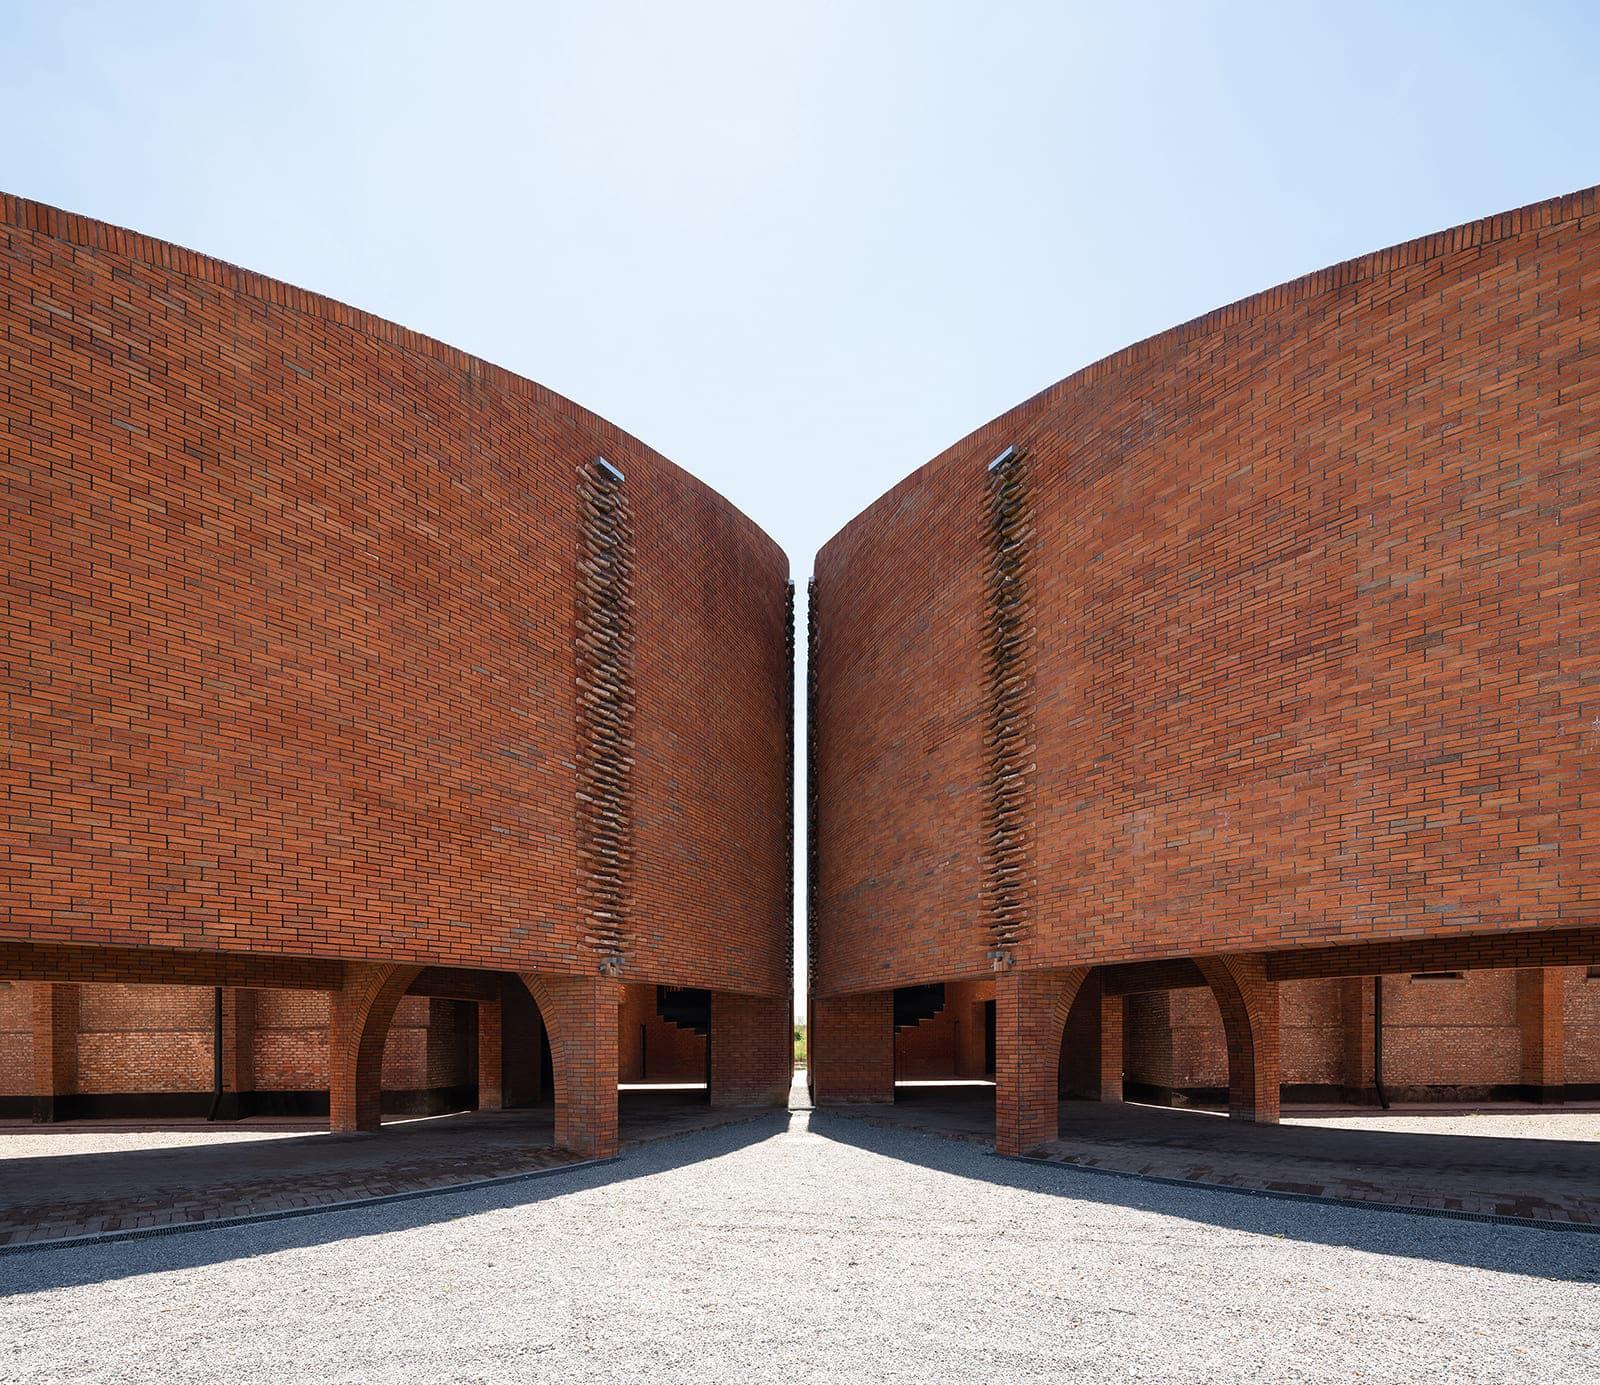 TaoCang Art Center  - 00 1 31